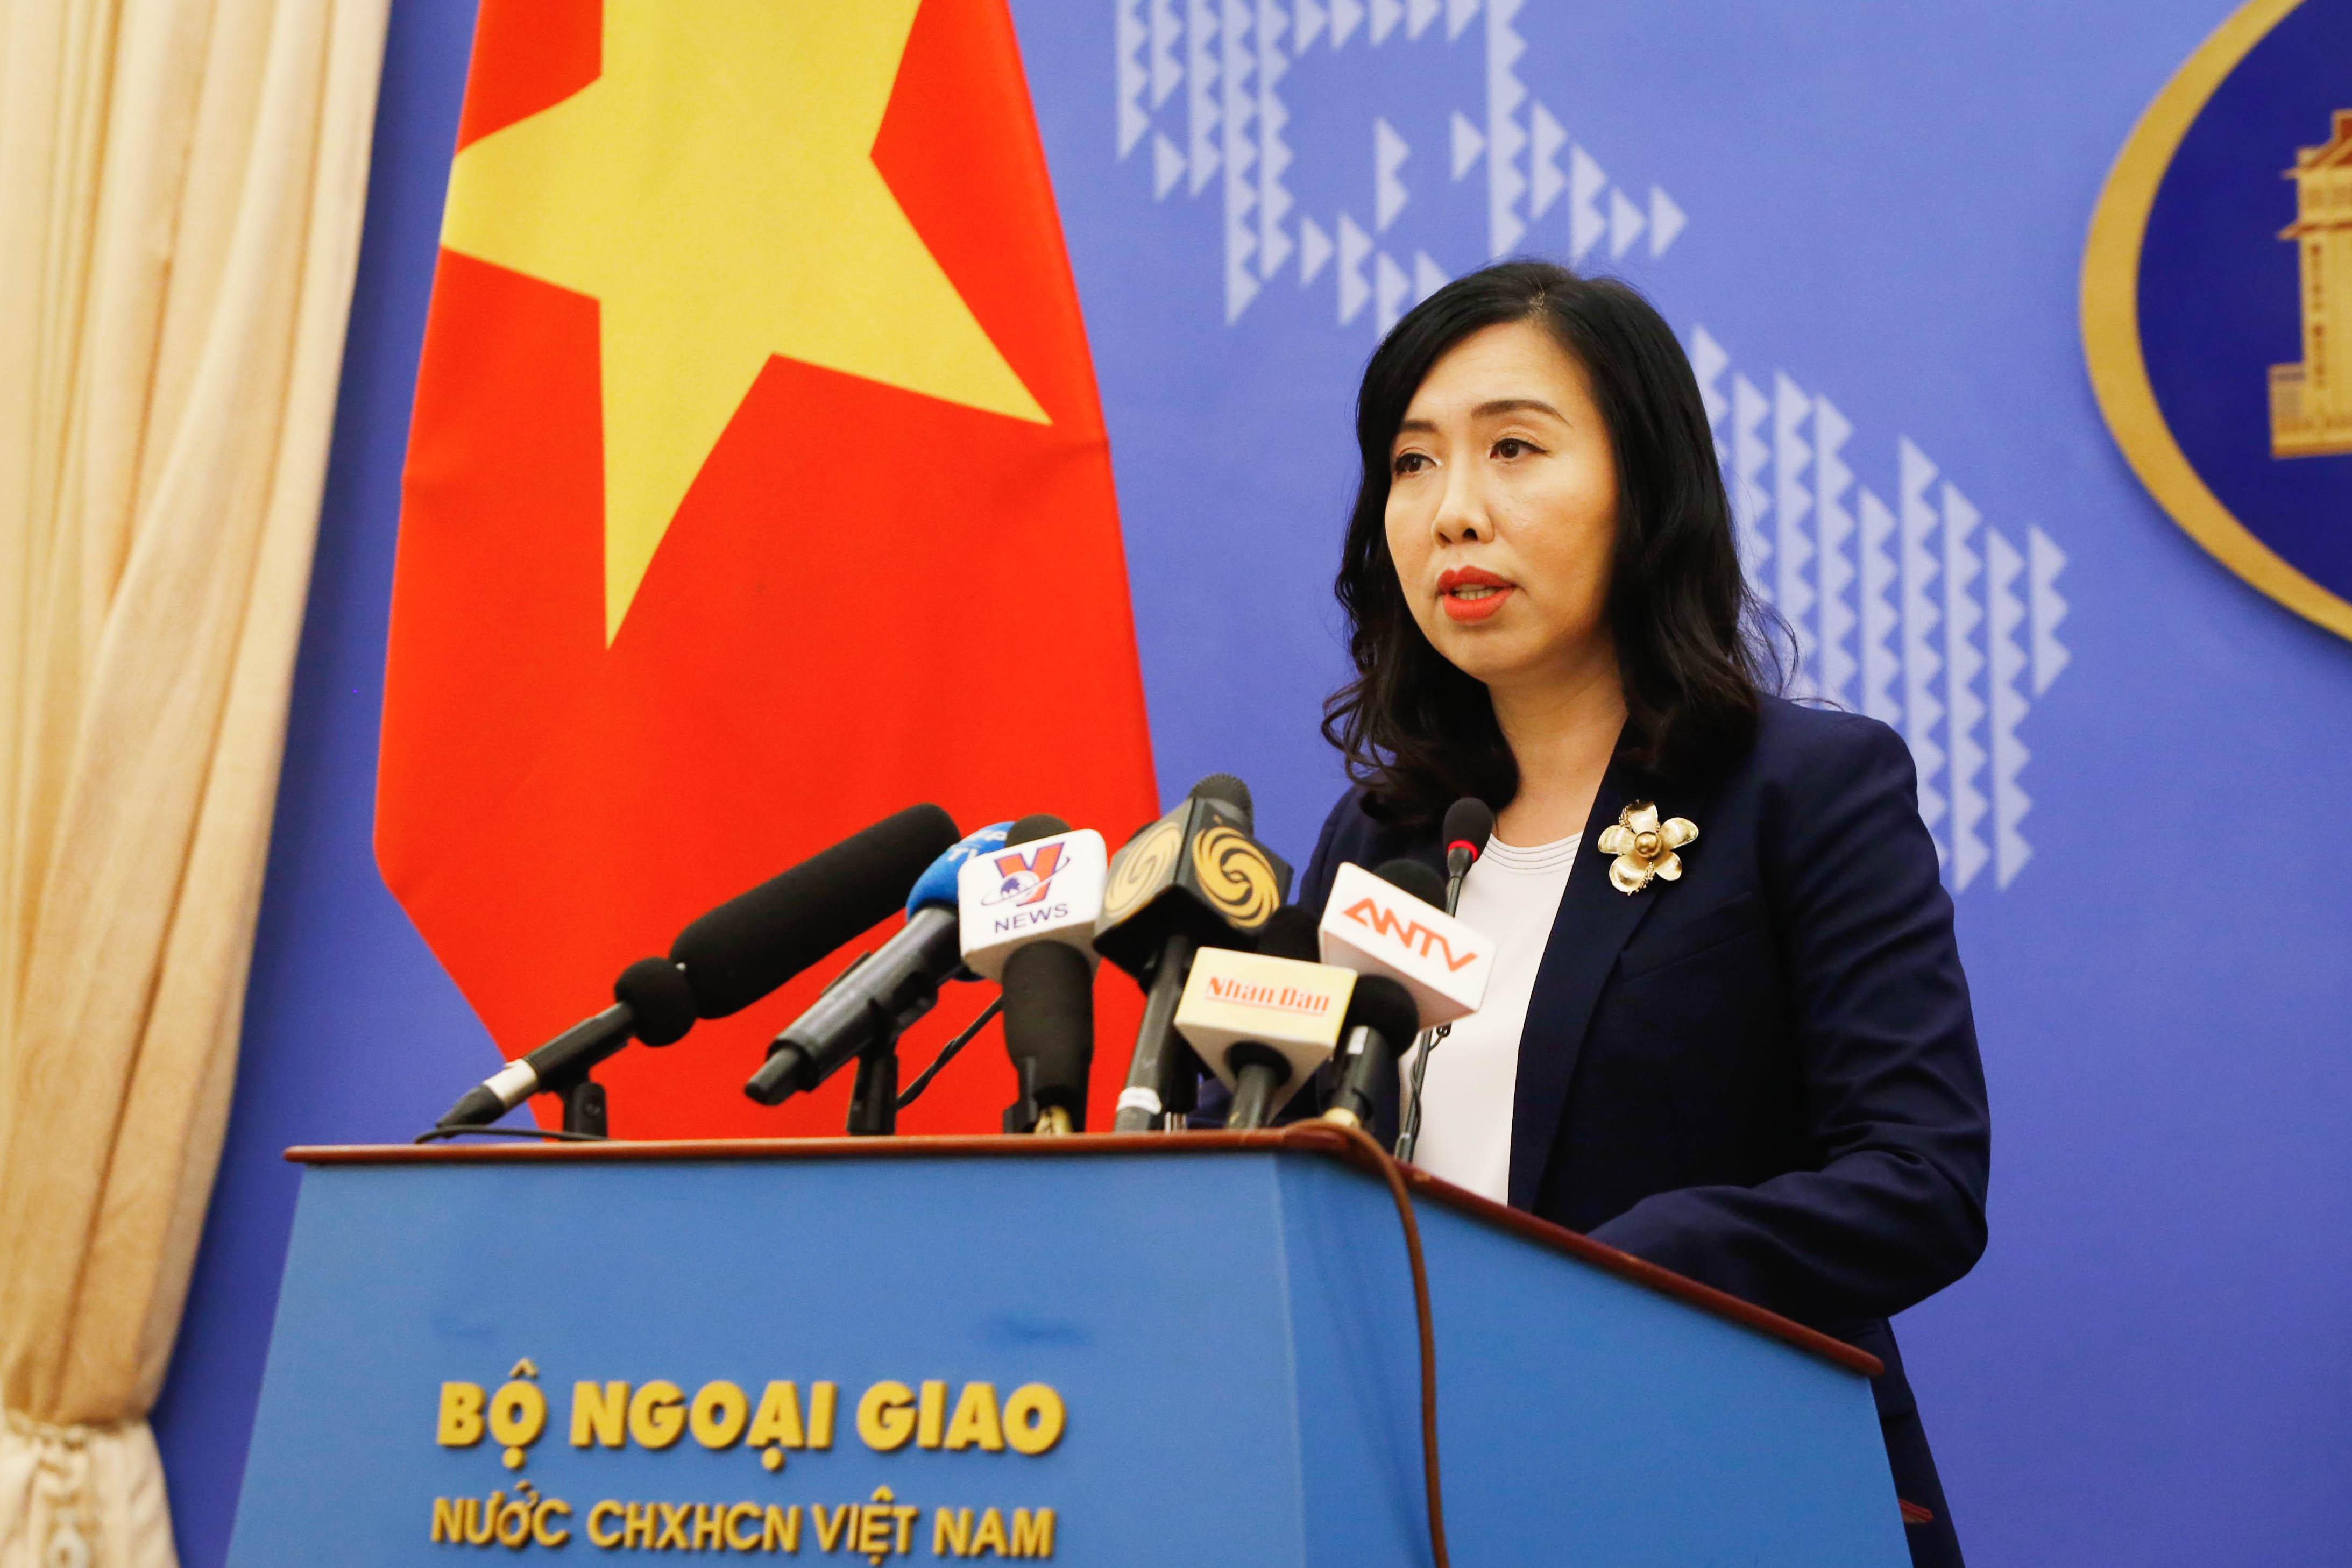 Đề nghị Trung Quốc tôn trọng chủ quyền của Việt Nam với hai quần đảo Hoàng Sa, Trường Sa